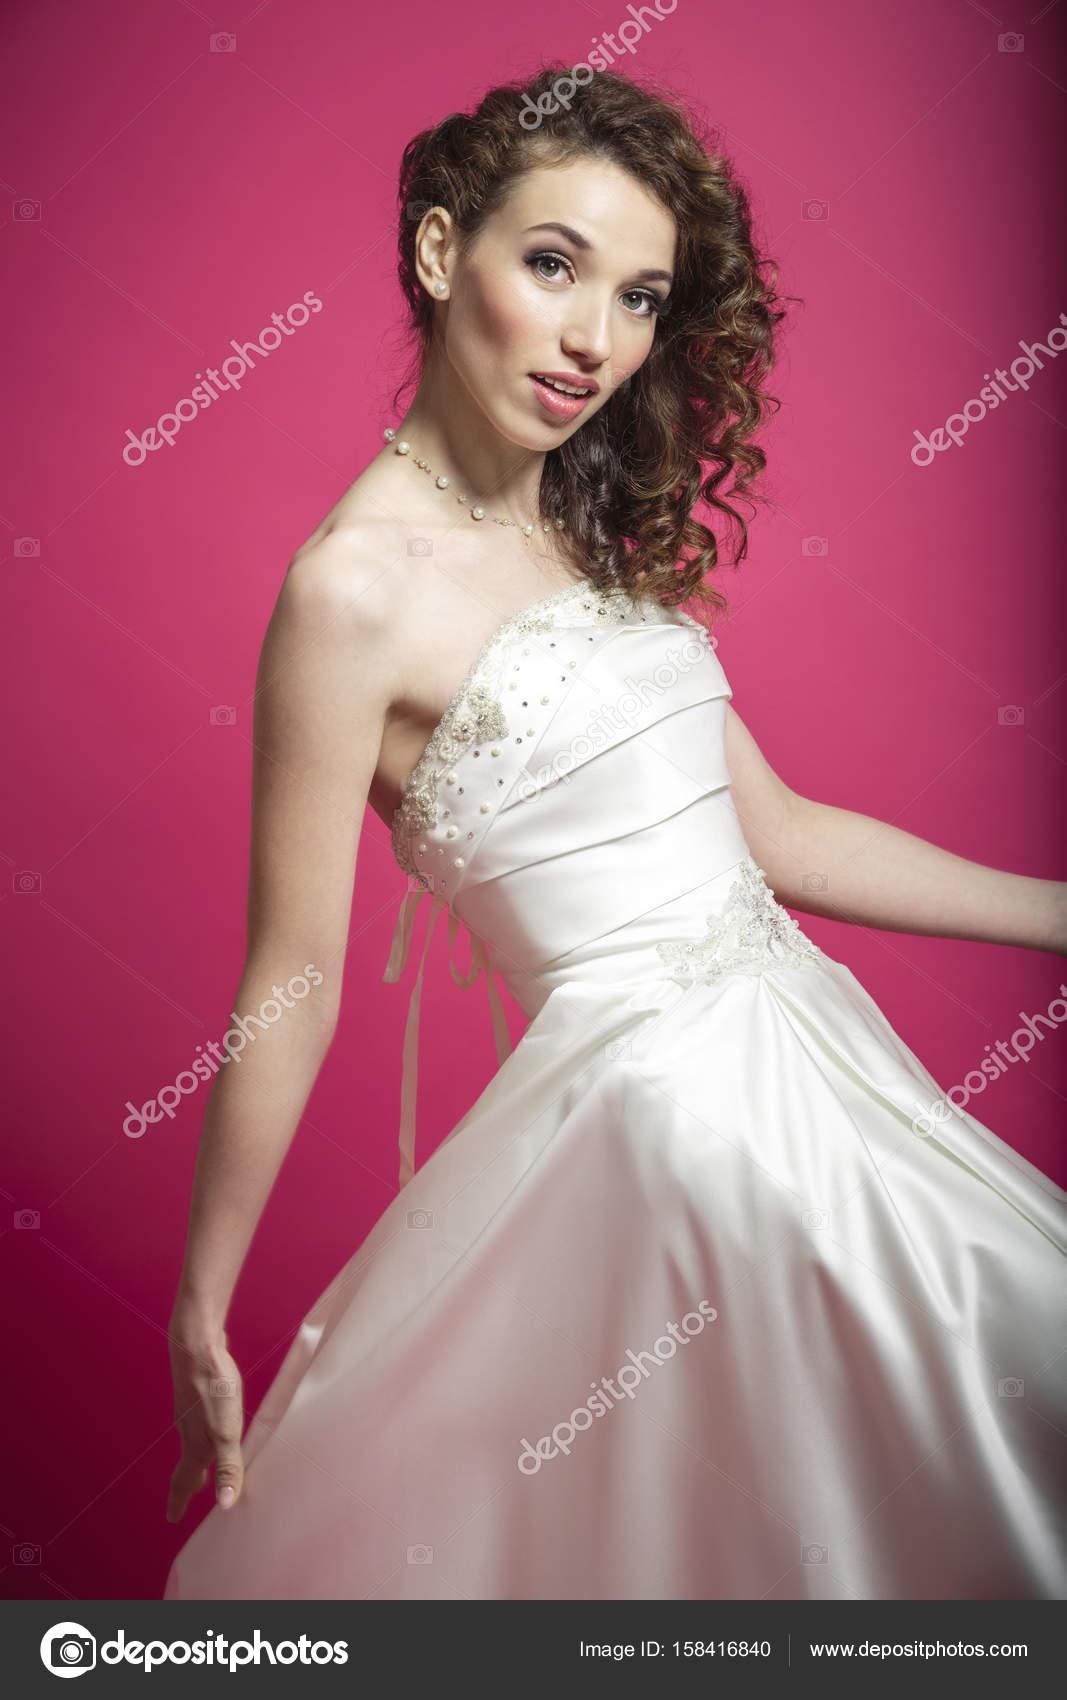 Modelo de moda en un vestido de novia está girando — Foto de stock ...